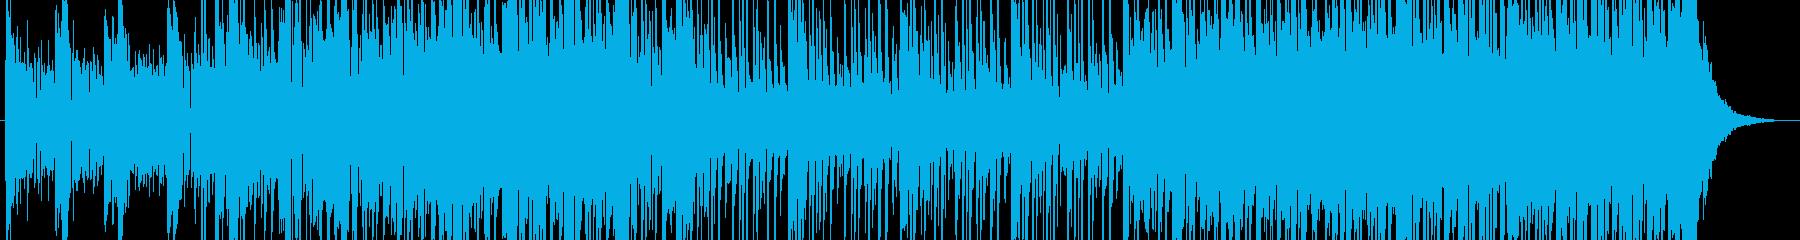 高輝度ロックとエレクトロニカブレン...の再生済みの波形